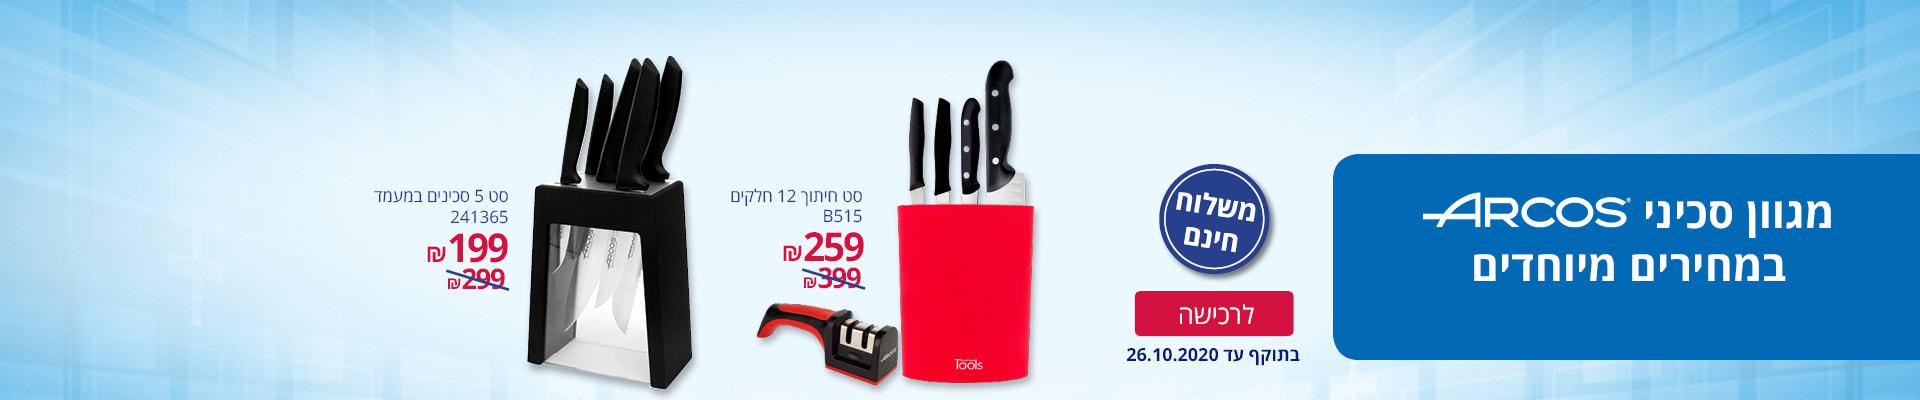 מגוון סכיני ARCOS במחירים מיוחדים ומשלוח חינם: סט חיתוך 12 חלקים B515 ב-259 ₪, סט 5 סכינים במעמד 241365 ב- 199 ₪. בתוקף עד 26.10.2020